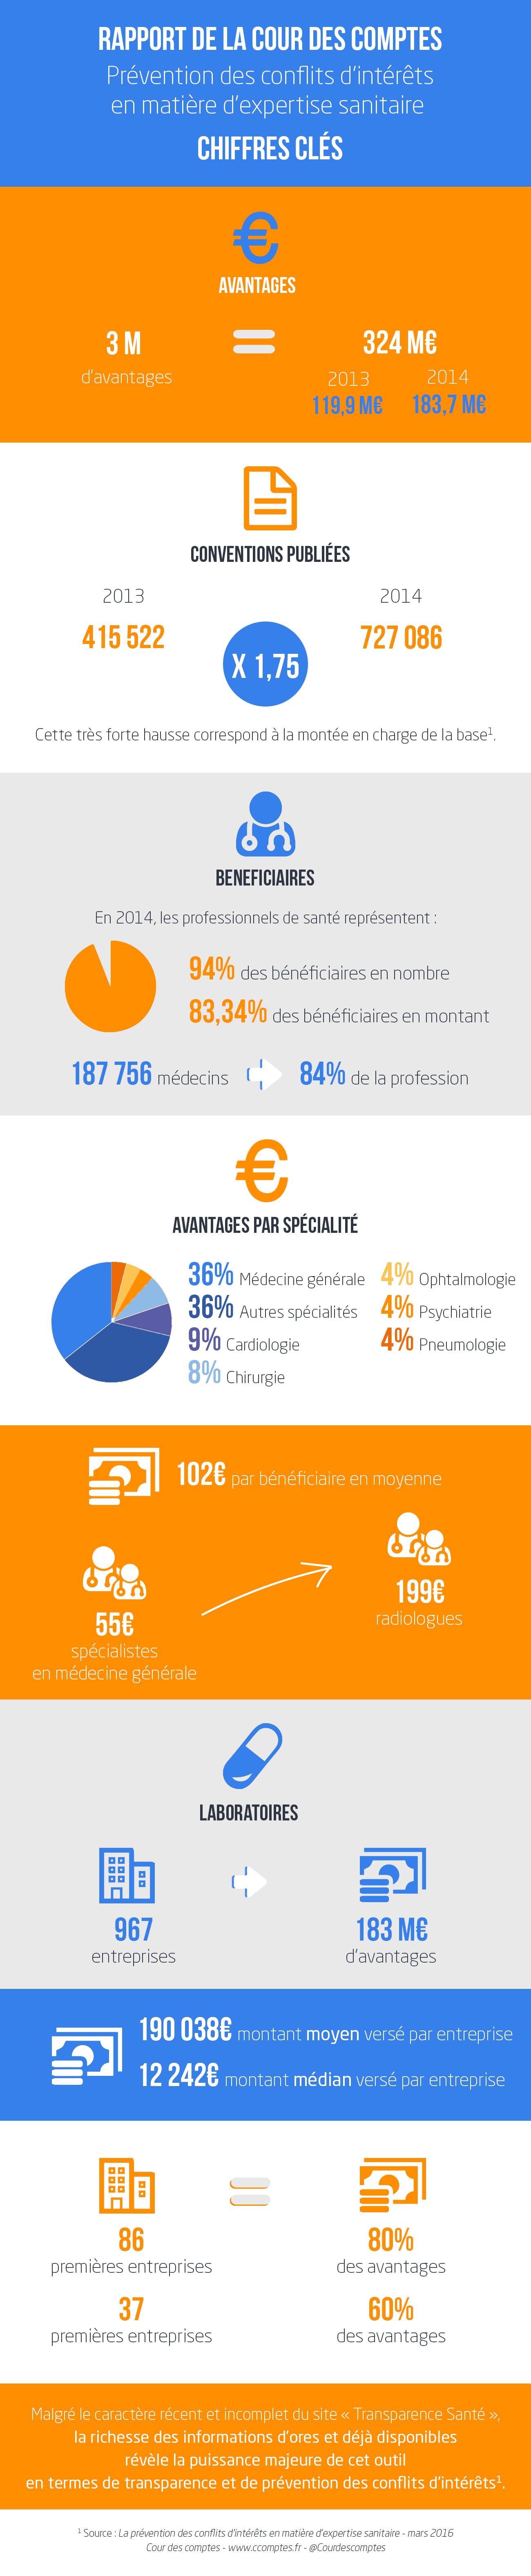 Infographie rapport Cour des comptes